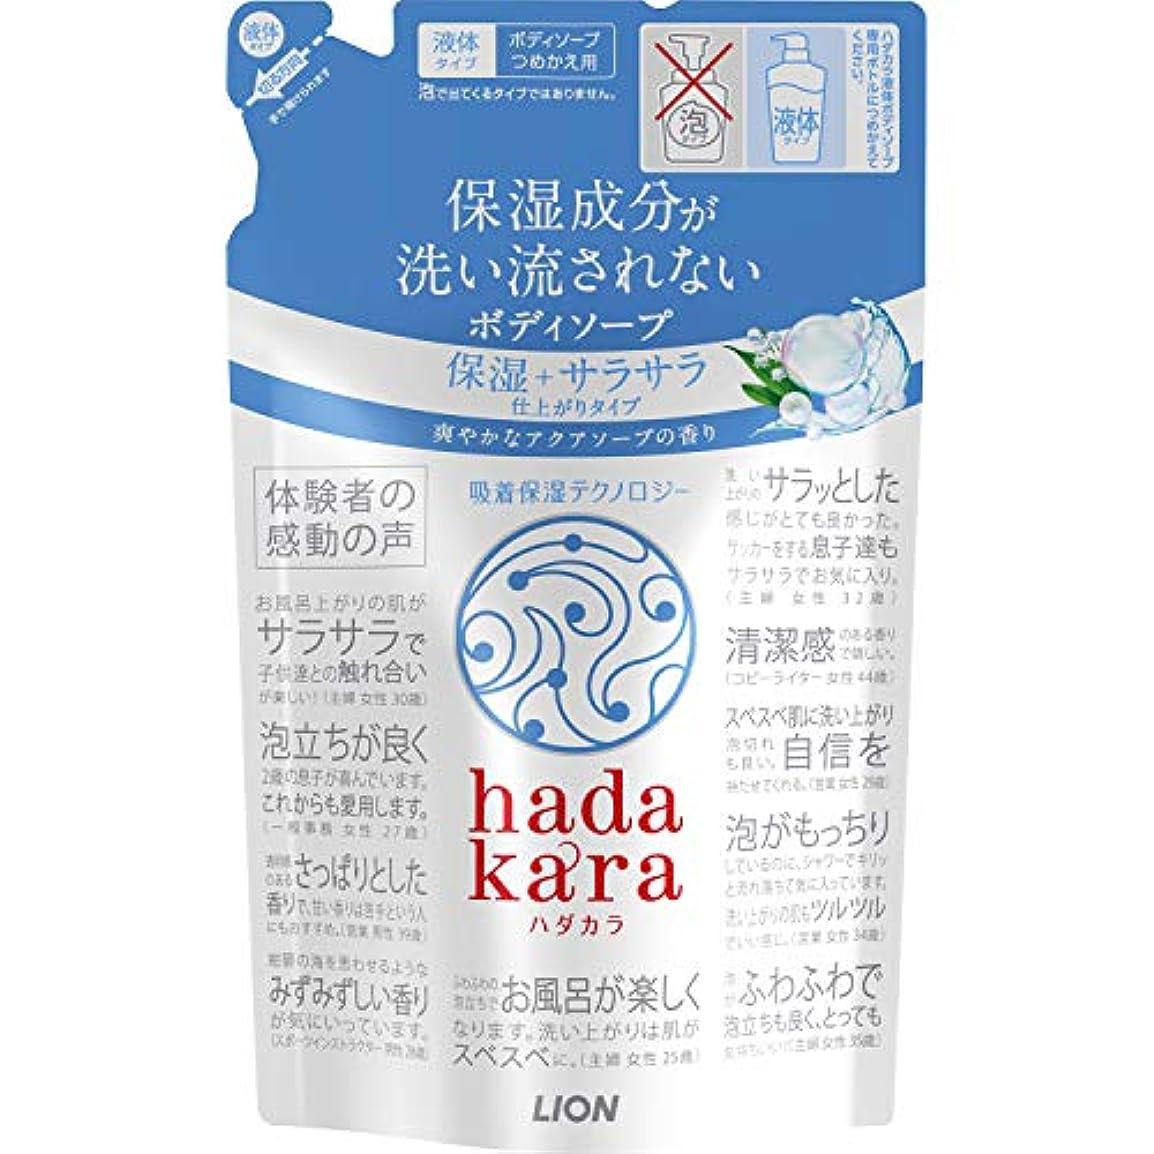 値下げ規定不幸hadakara(ハダカラ) ボディソープ 保湿+サラサラ仕上がりタイプ アクアソープの香り 詰め替え 340ml